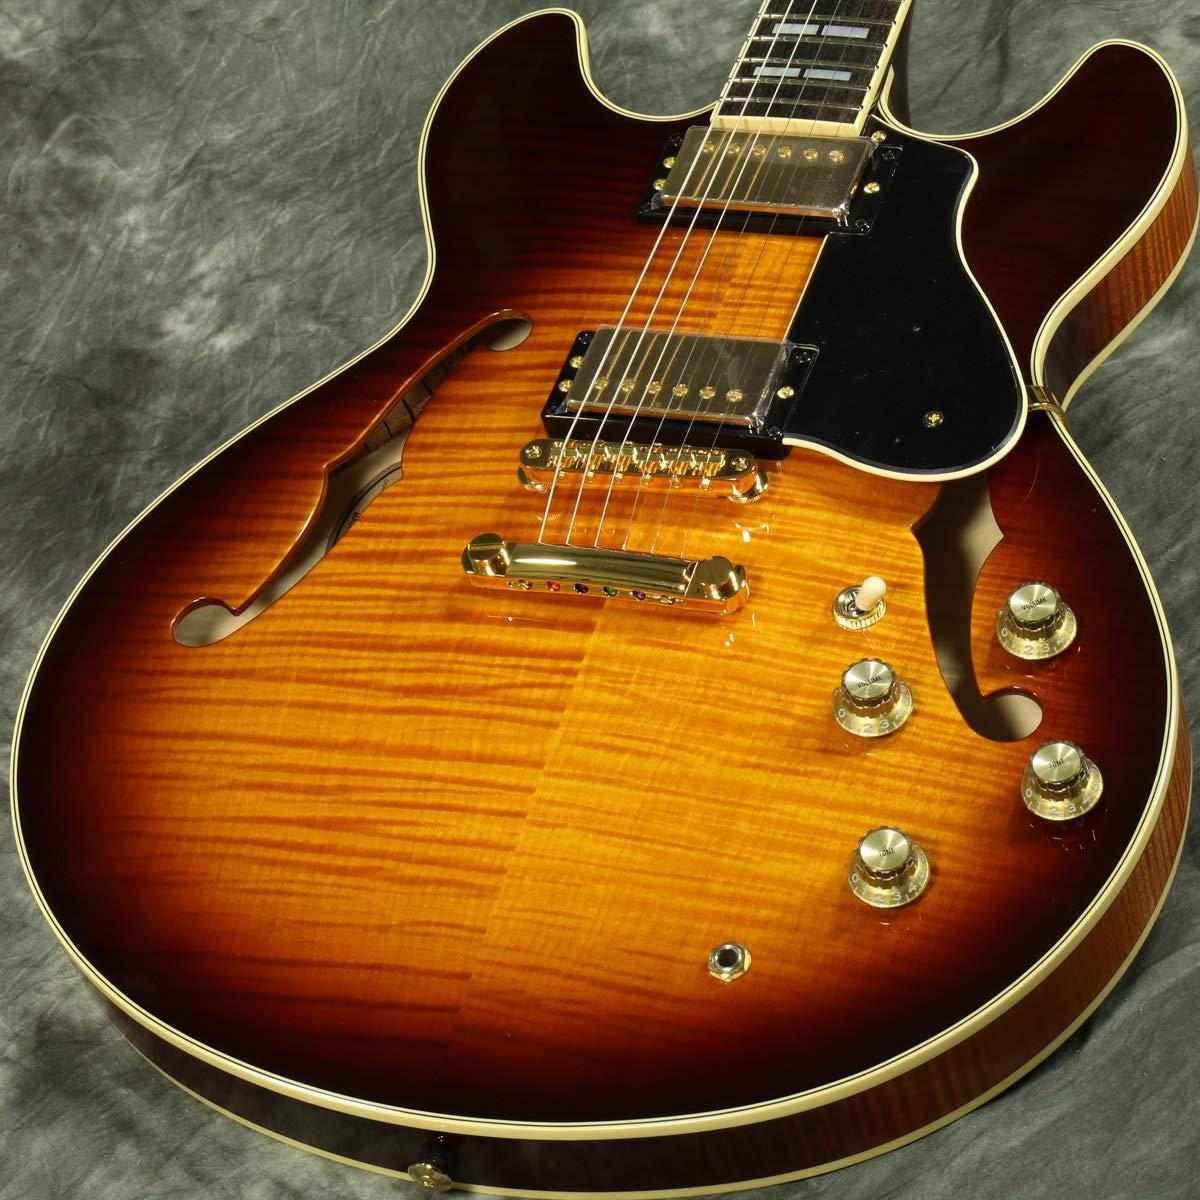 予約販売 ヤマハ SA-2200 エレキギター セミアコースティックギター VS SA-2200 VS ヤマハ B003XNHV8A バイオリンサンバースト(VS), キンカイチョウ:b34d4189 --- xn--paiius-k2a.lt